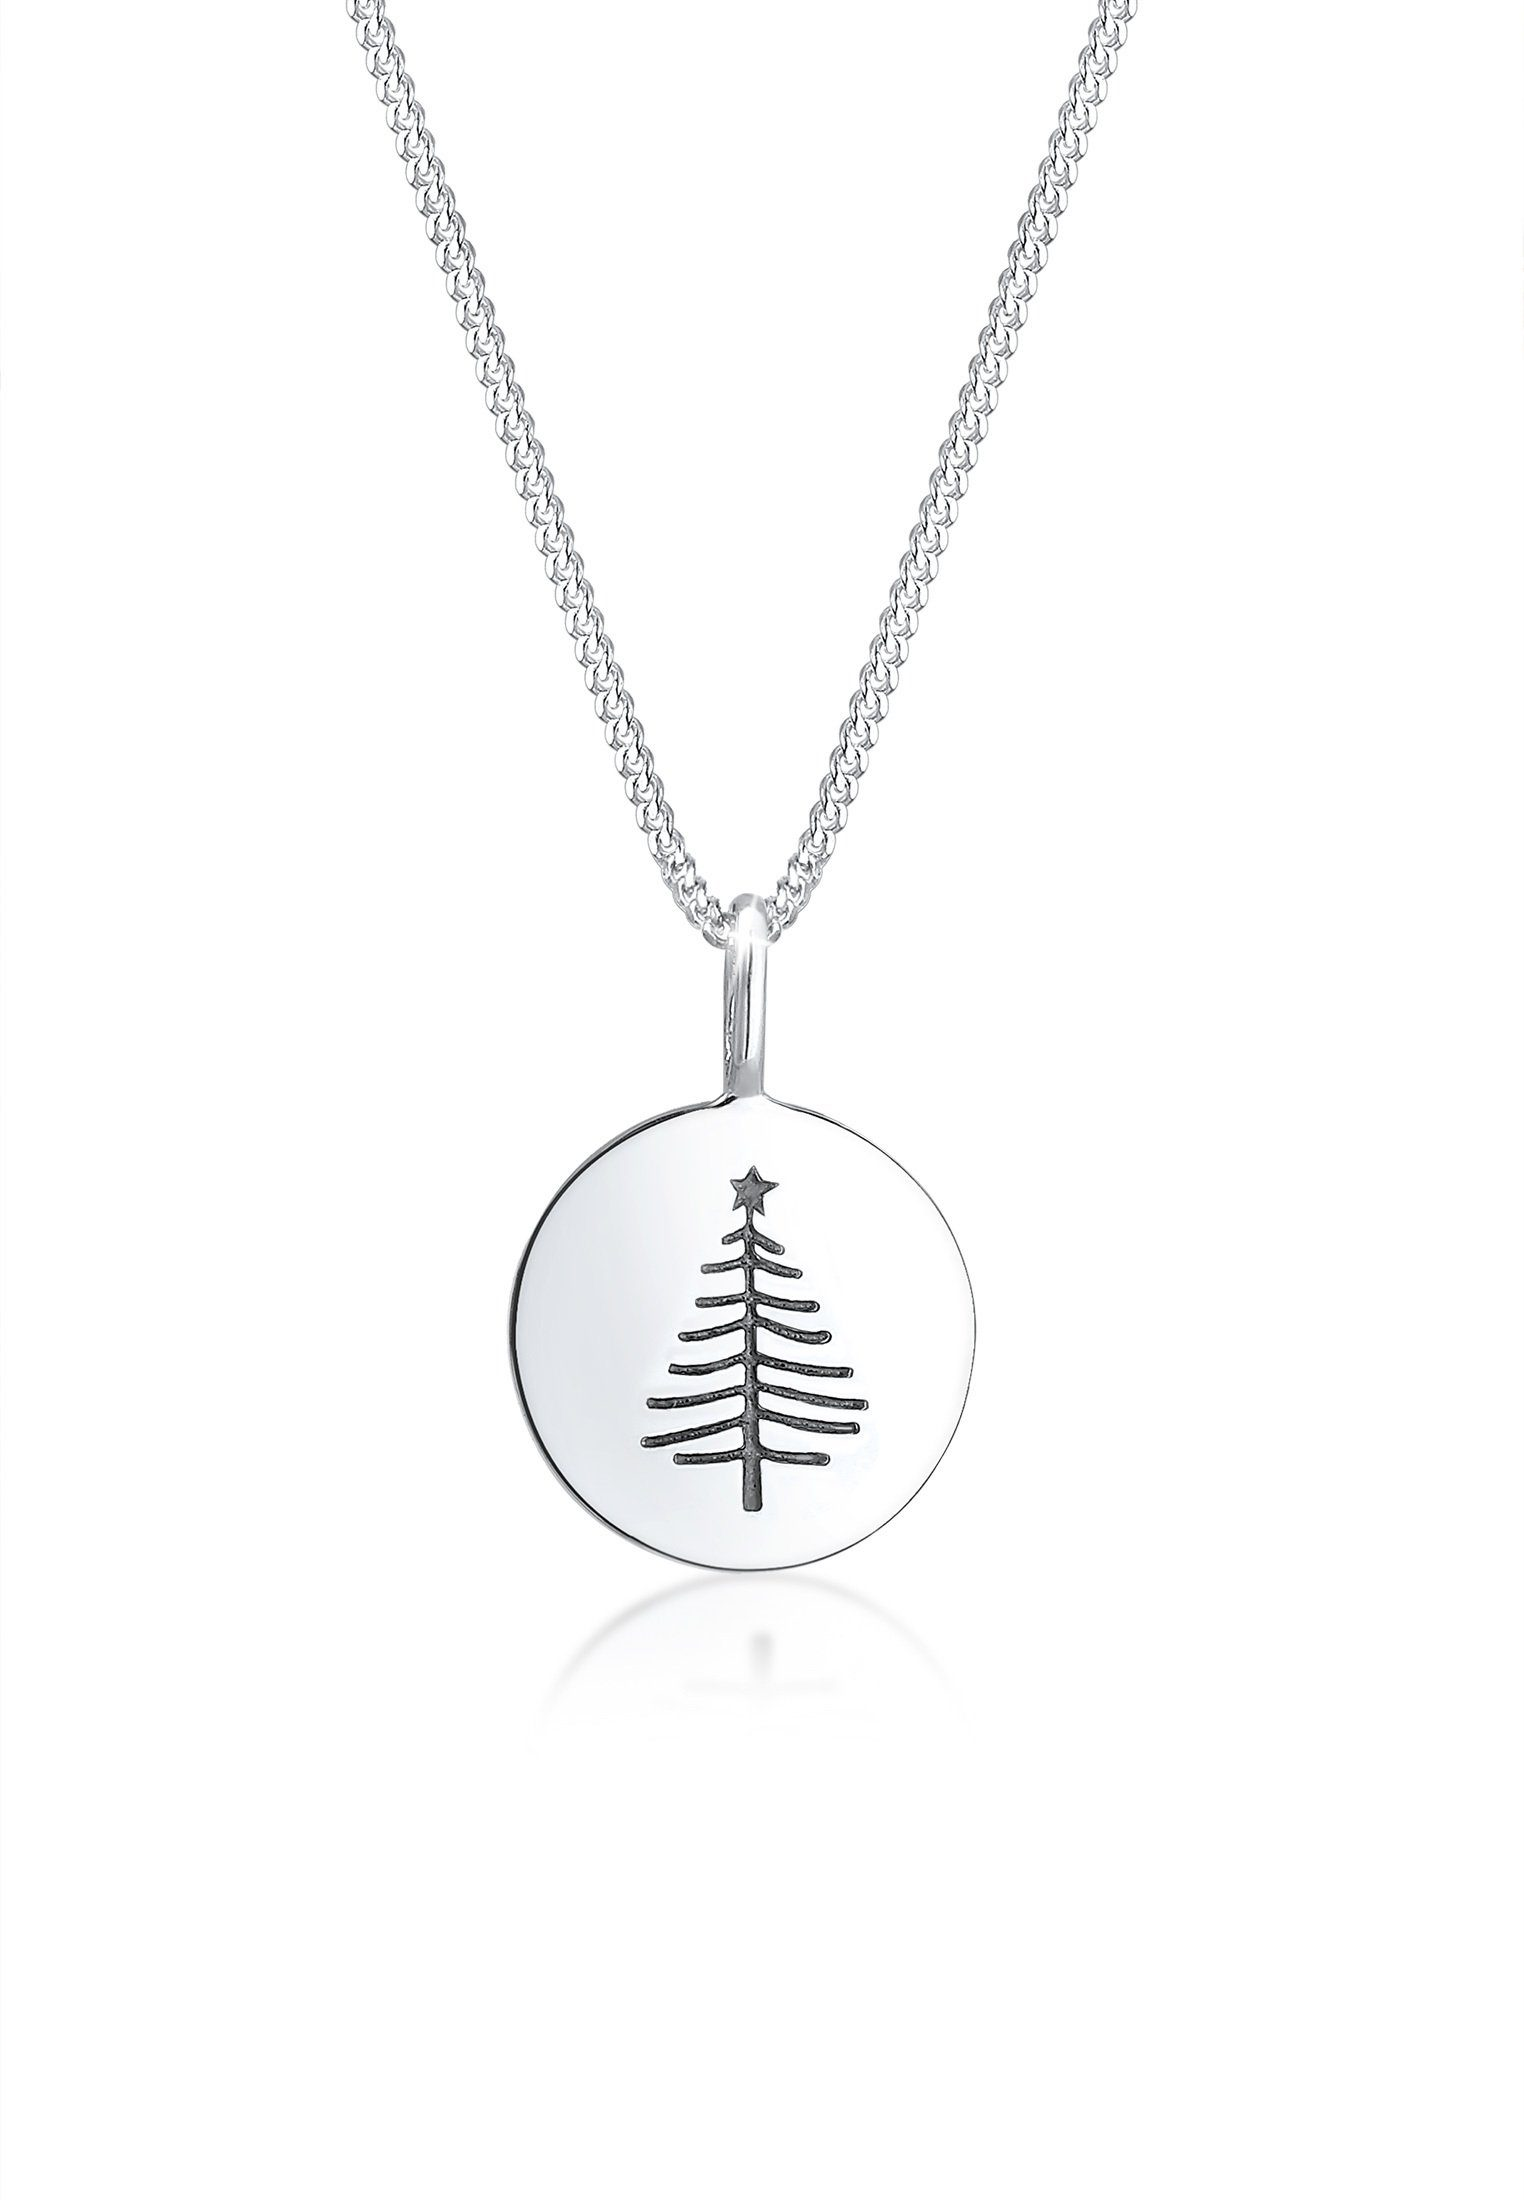 Elli Collierkettchen Panzerkette Tannenbaum Weihnachten 925er Silber | Schmuck > Halsketten > Panzerketten | Elli